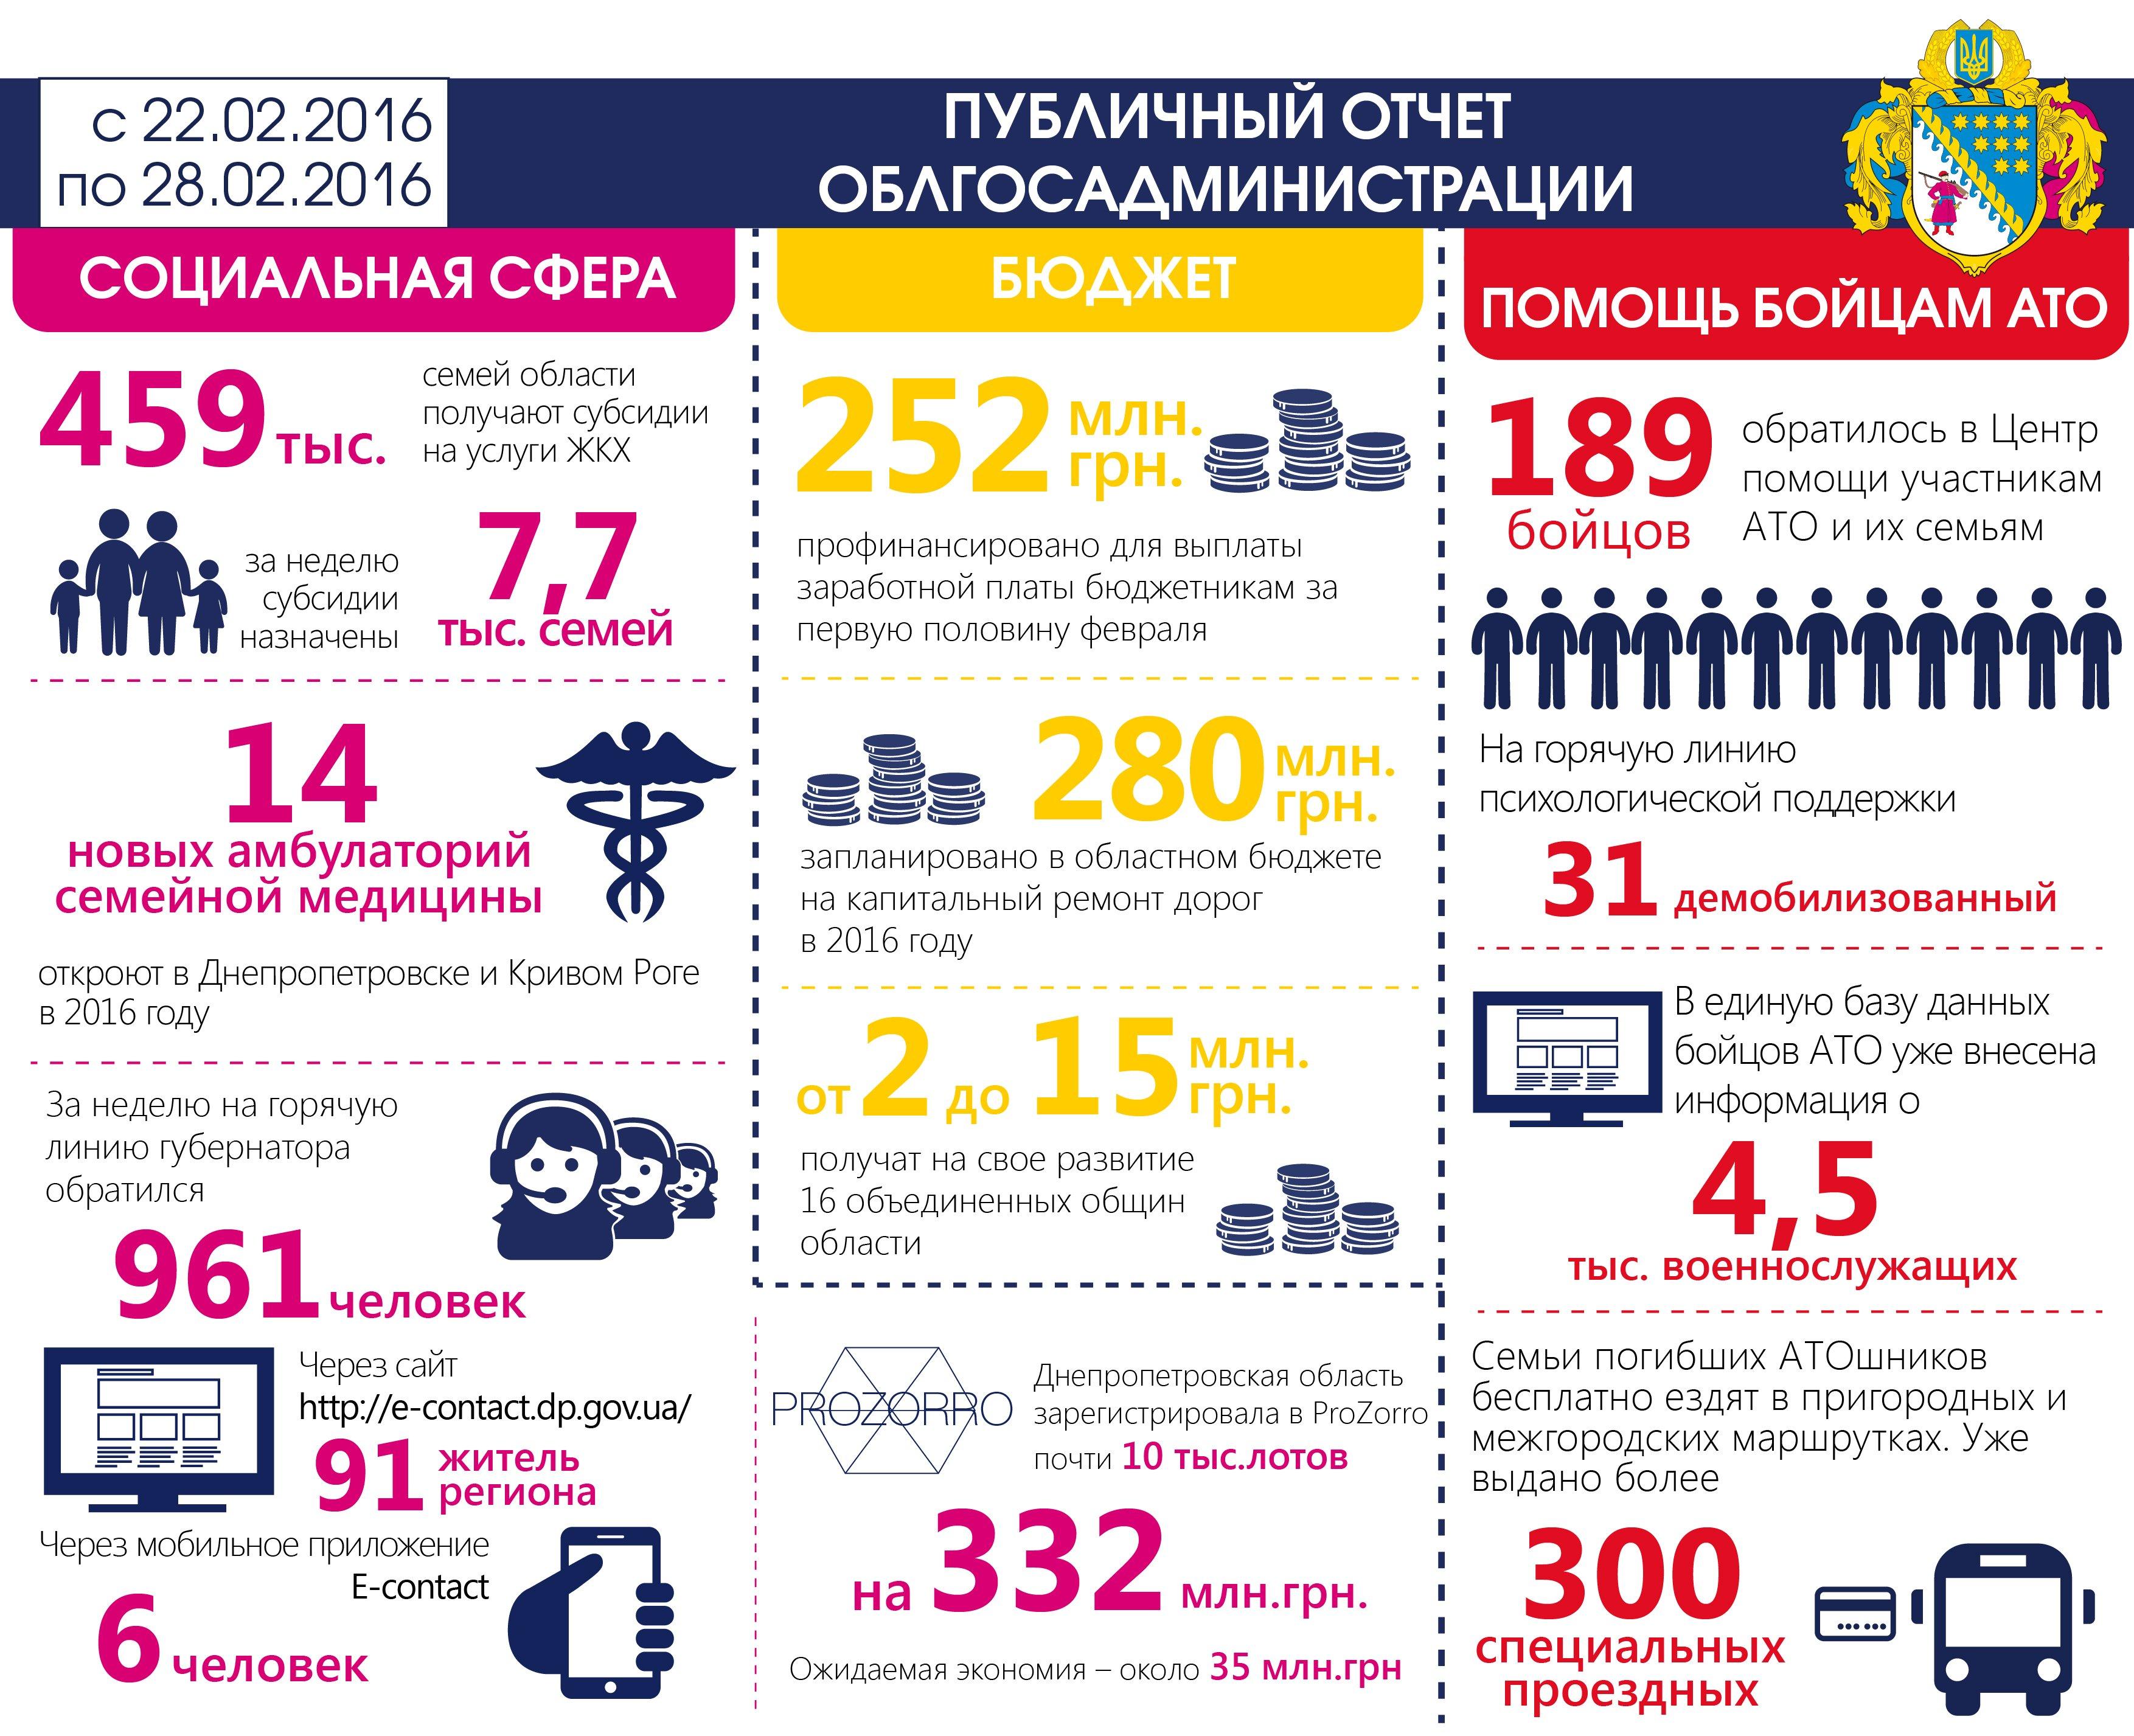 недельный отчет_01_рус_29.02.2016-01